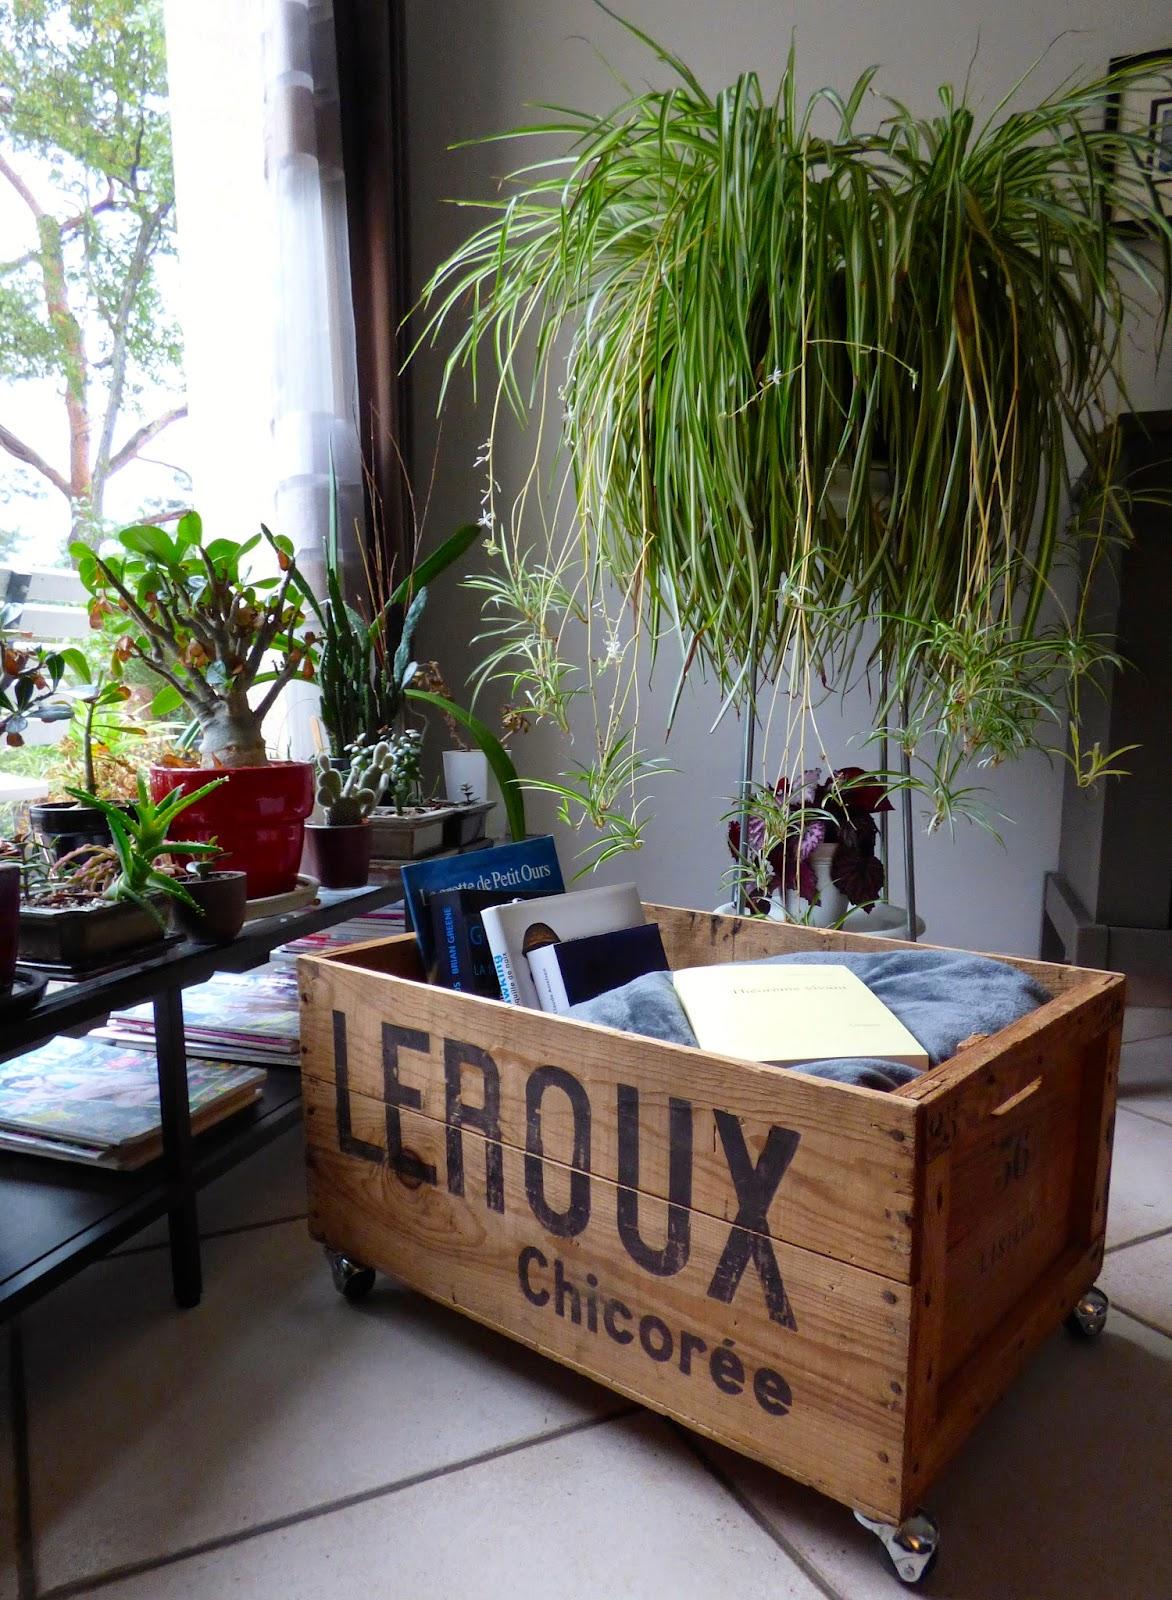 une semaine paris for t recycler une vieille caisse en bois retrouve une nouvelle jeunesse. Black Bedroom Furniture Sets. Home Design Ideas